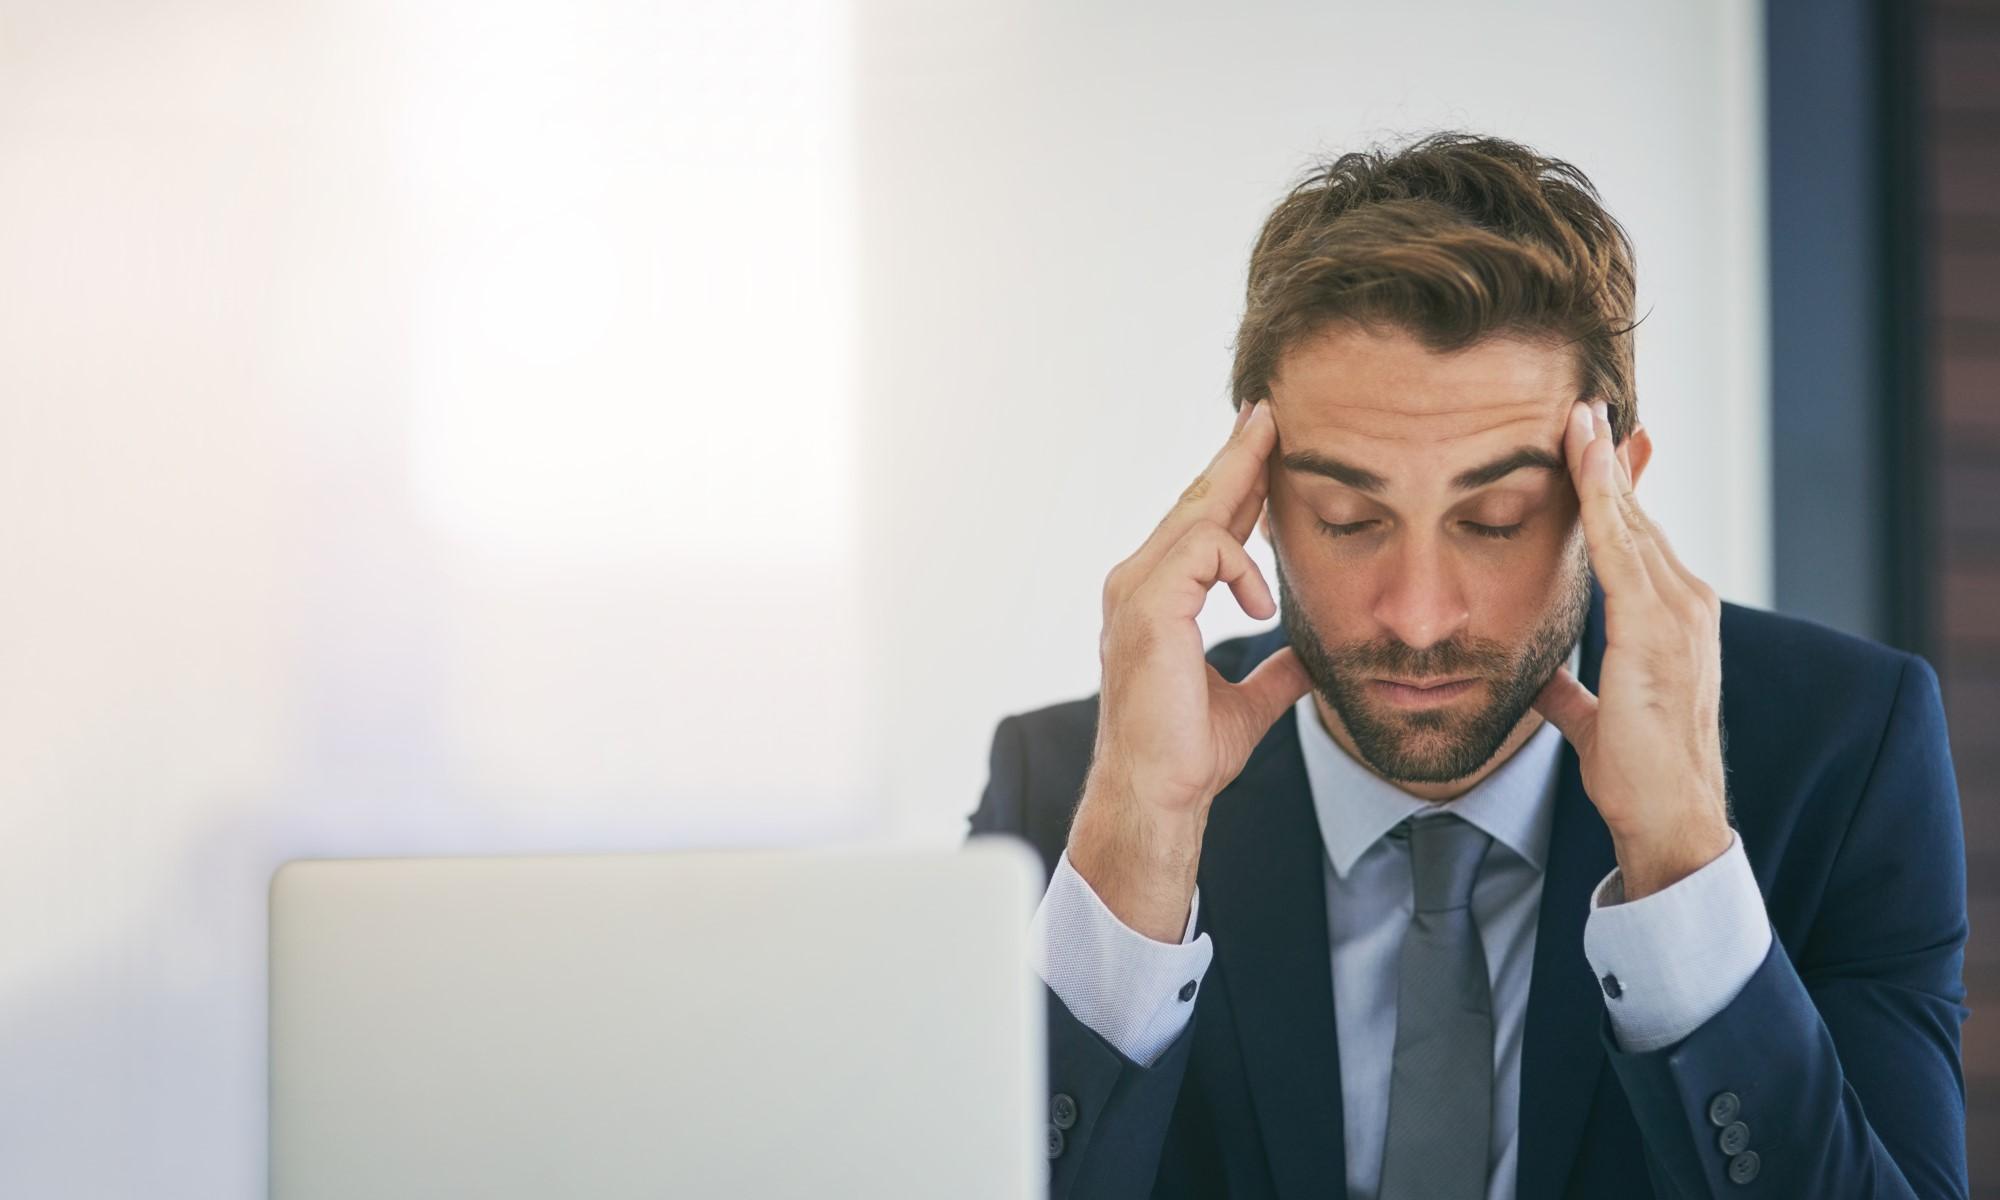 La santé au travail - sujet délicat - Nicolas - Témoignage - Concilio